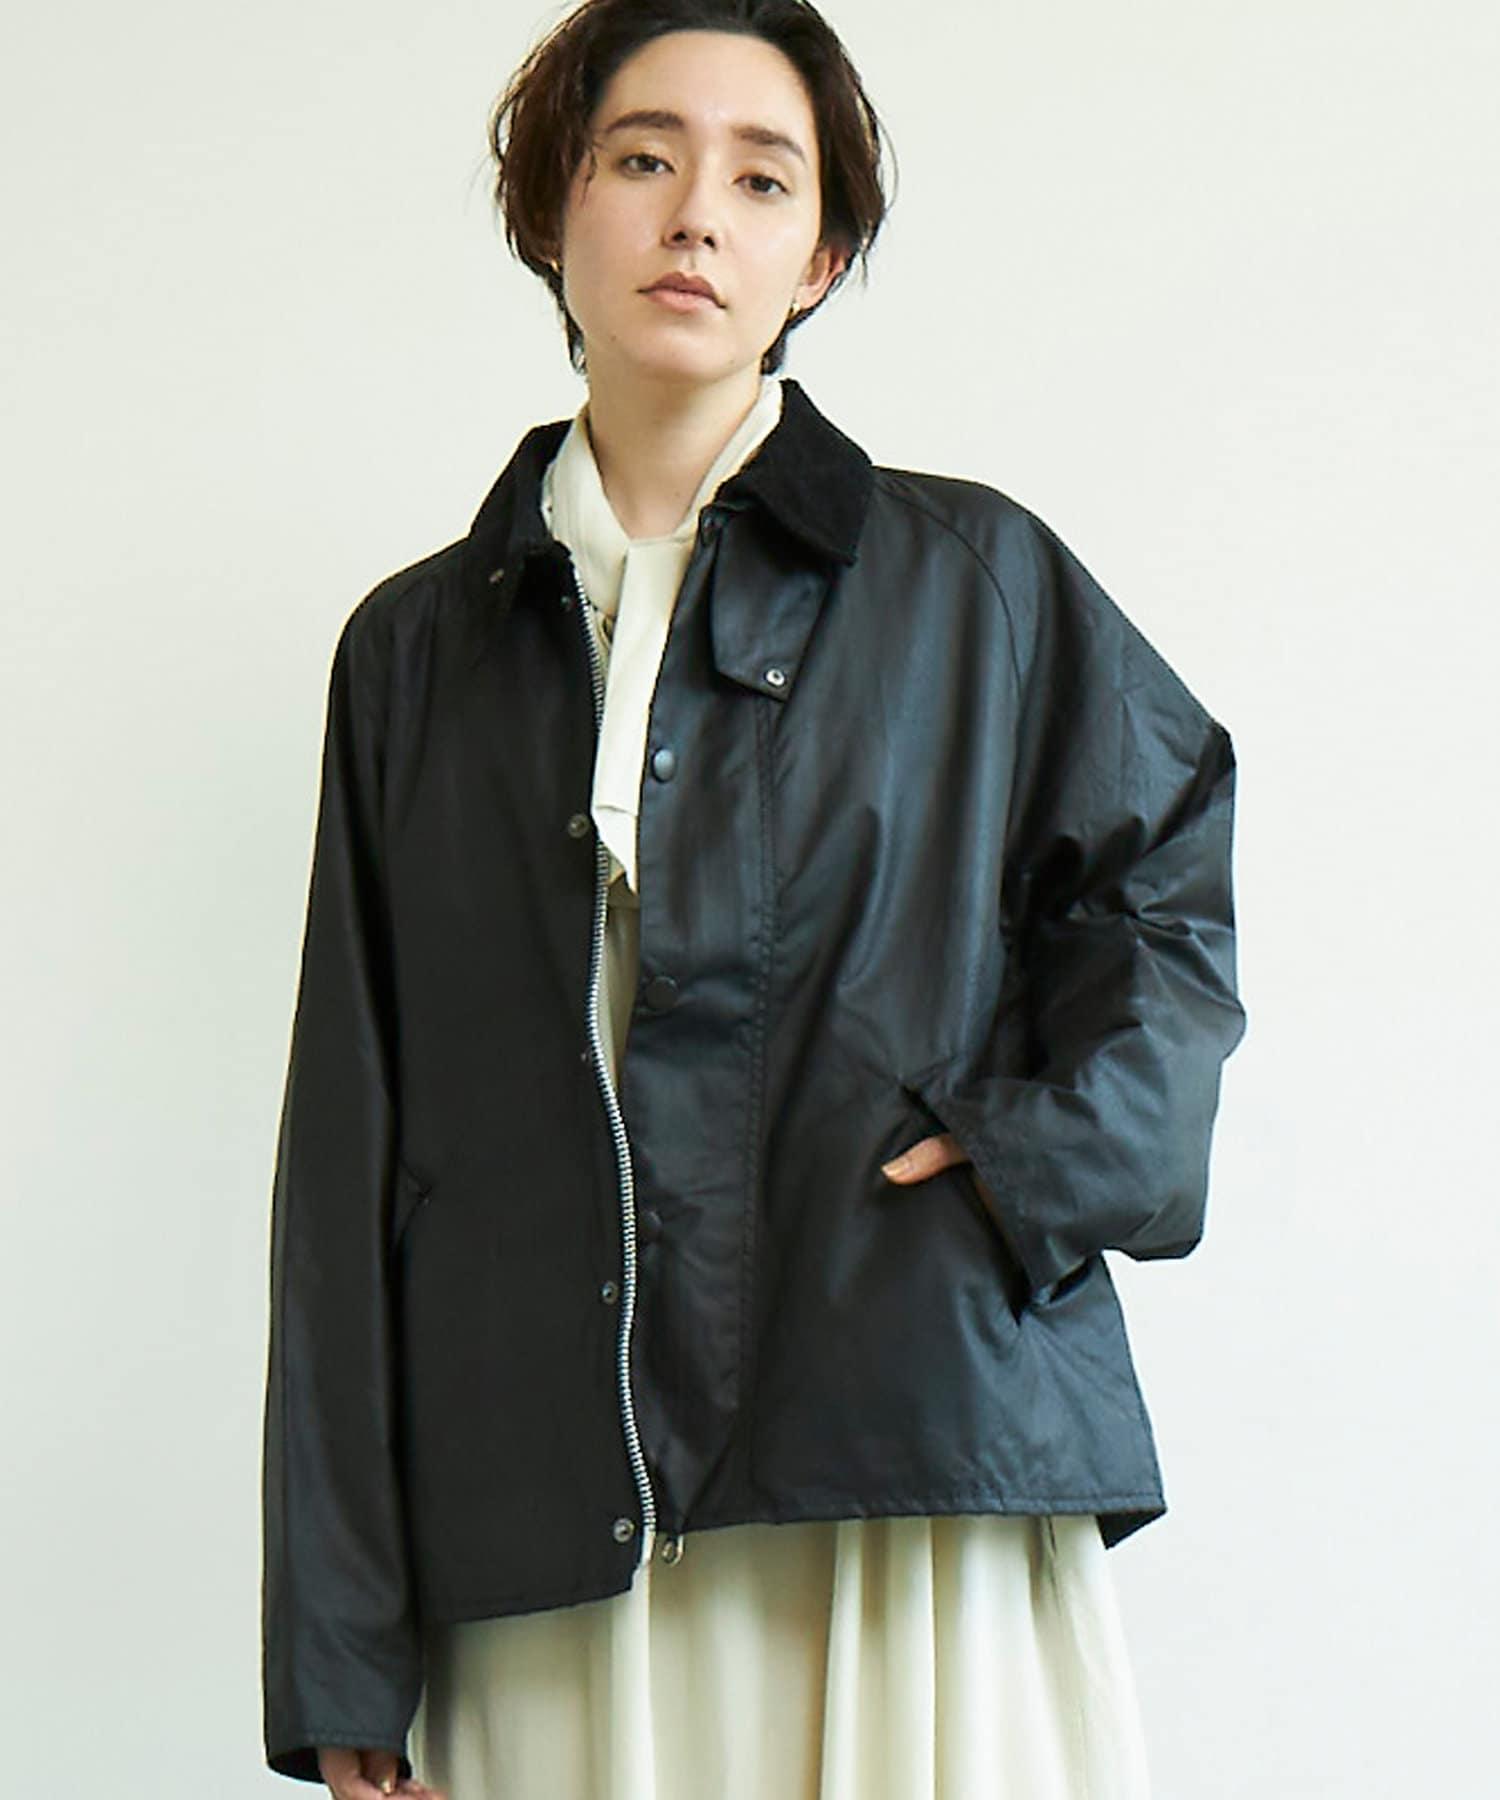 GALLARDAGALANTE(ガリャルダガランテ) 【Barbour】トランスポートワックスジャケット